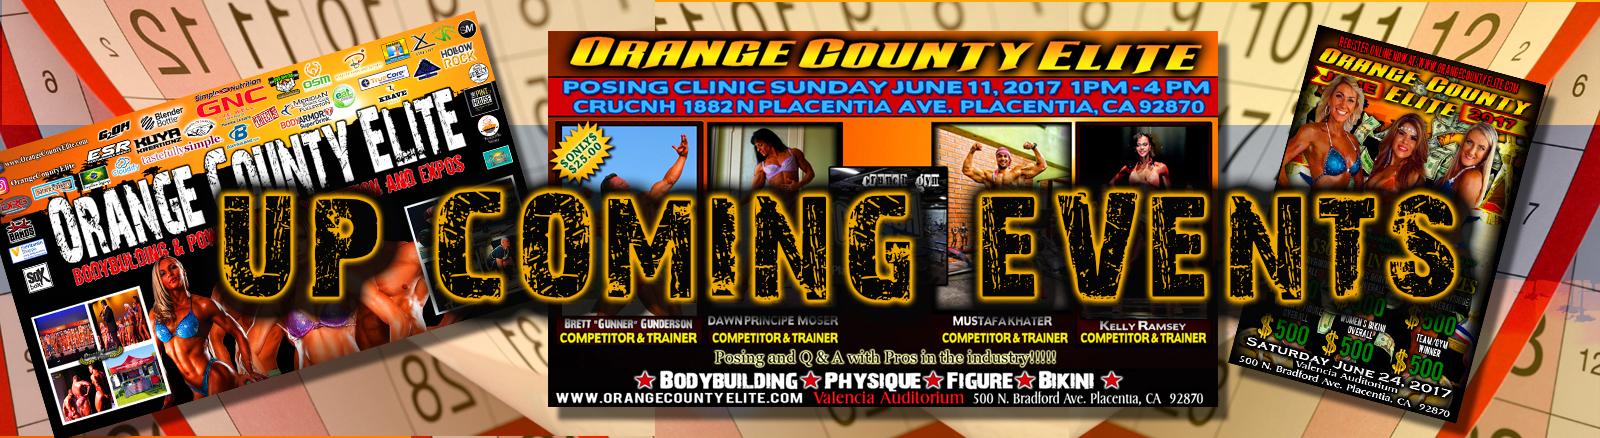 evenimente de întâlniri de viteză în orange county)